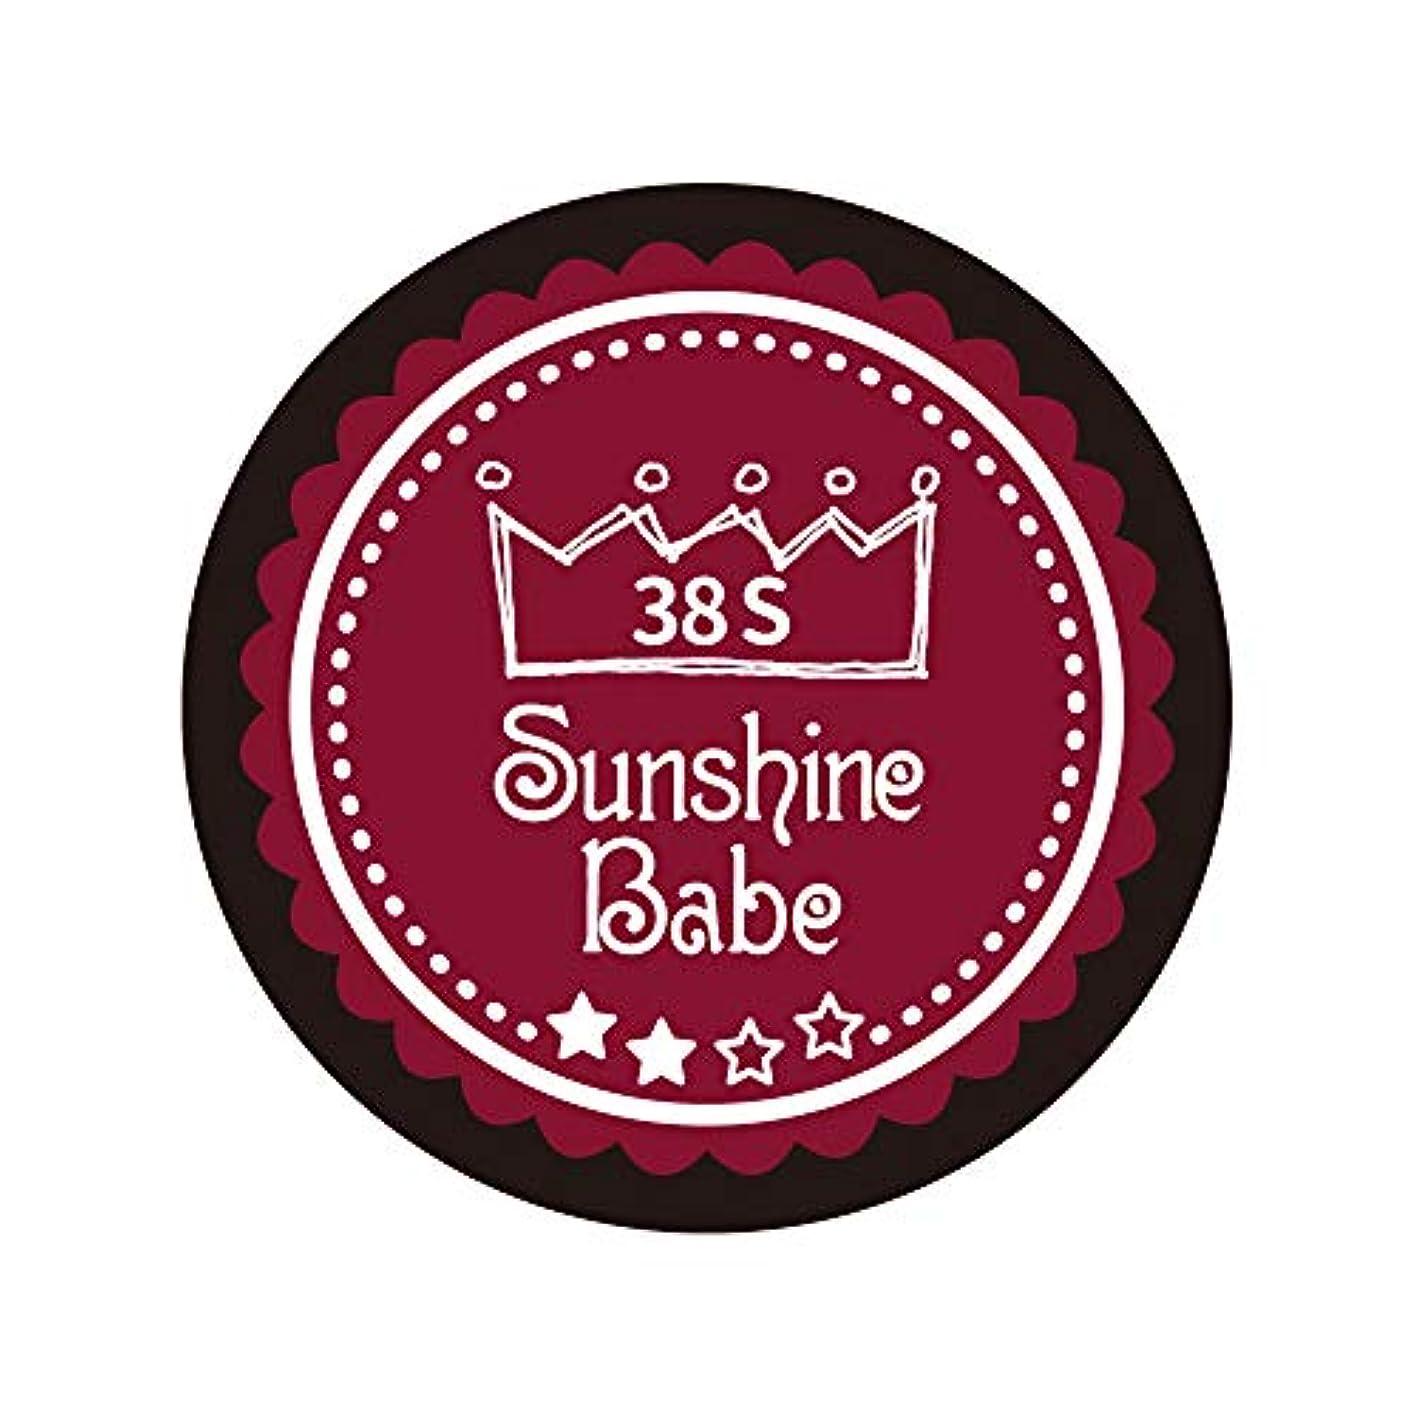 風変わりな多様性リラックスSunshine Babe カラージェル 38S レッドペア 4g UV/LED対応